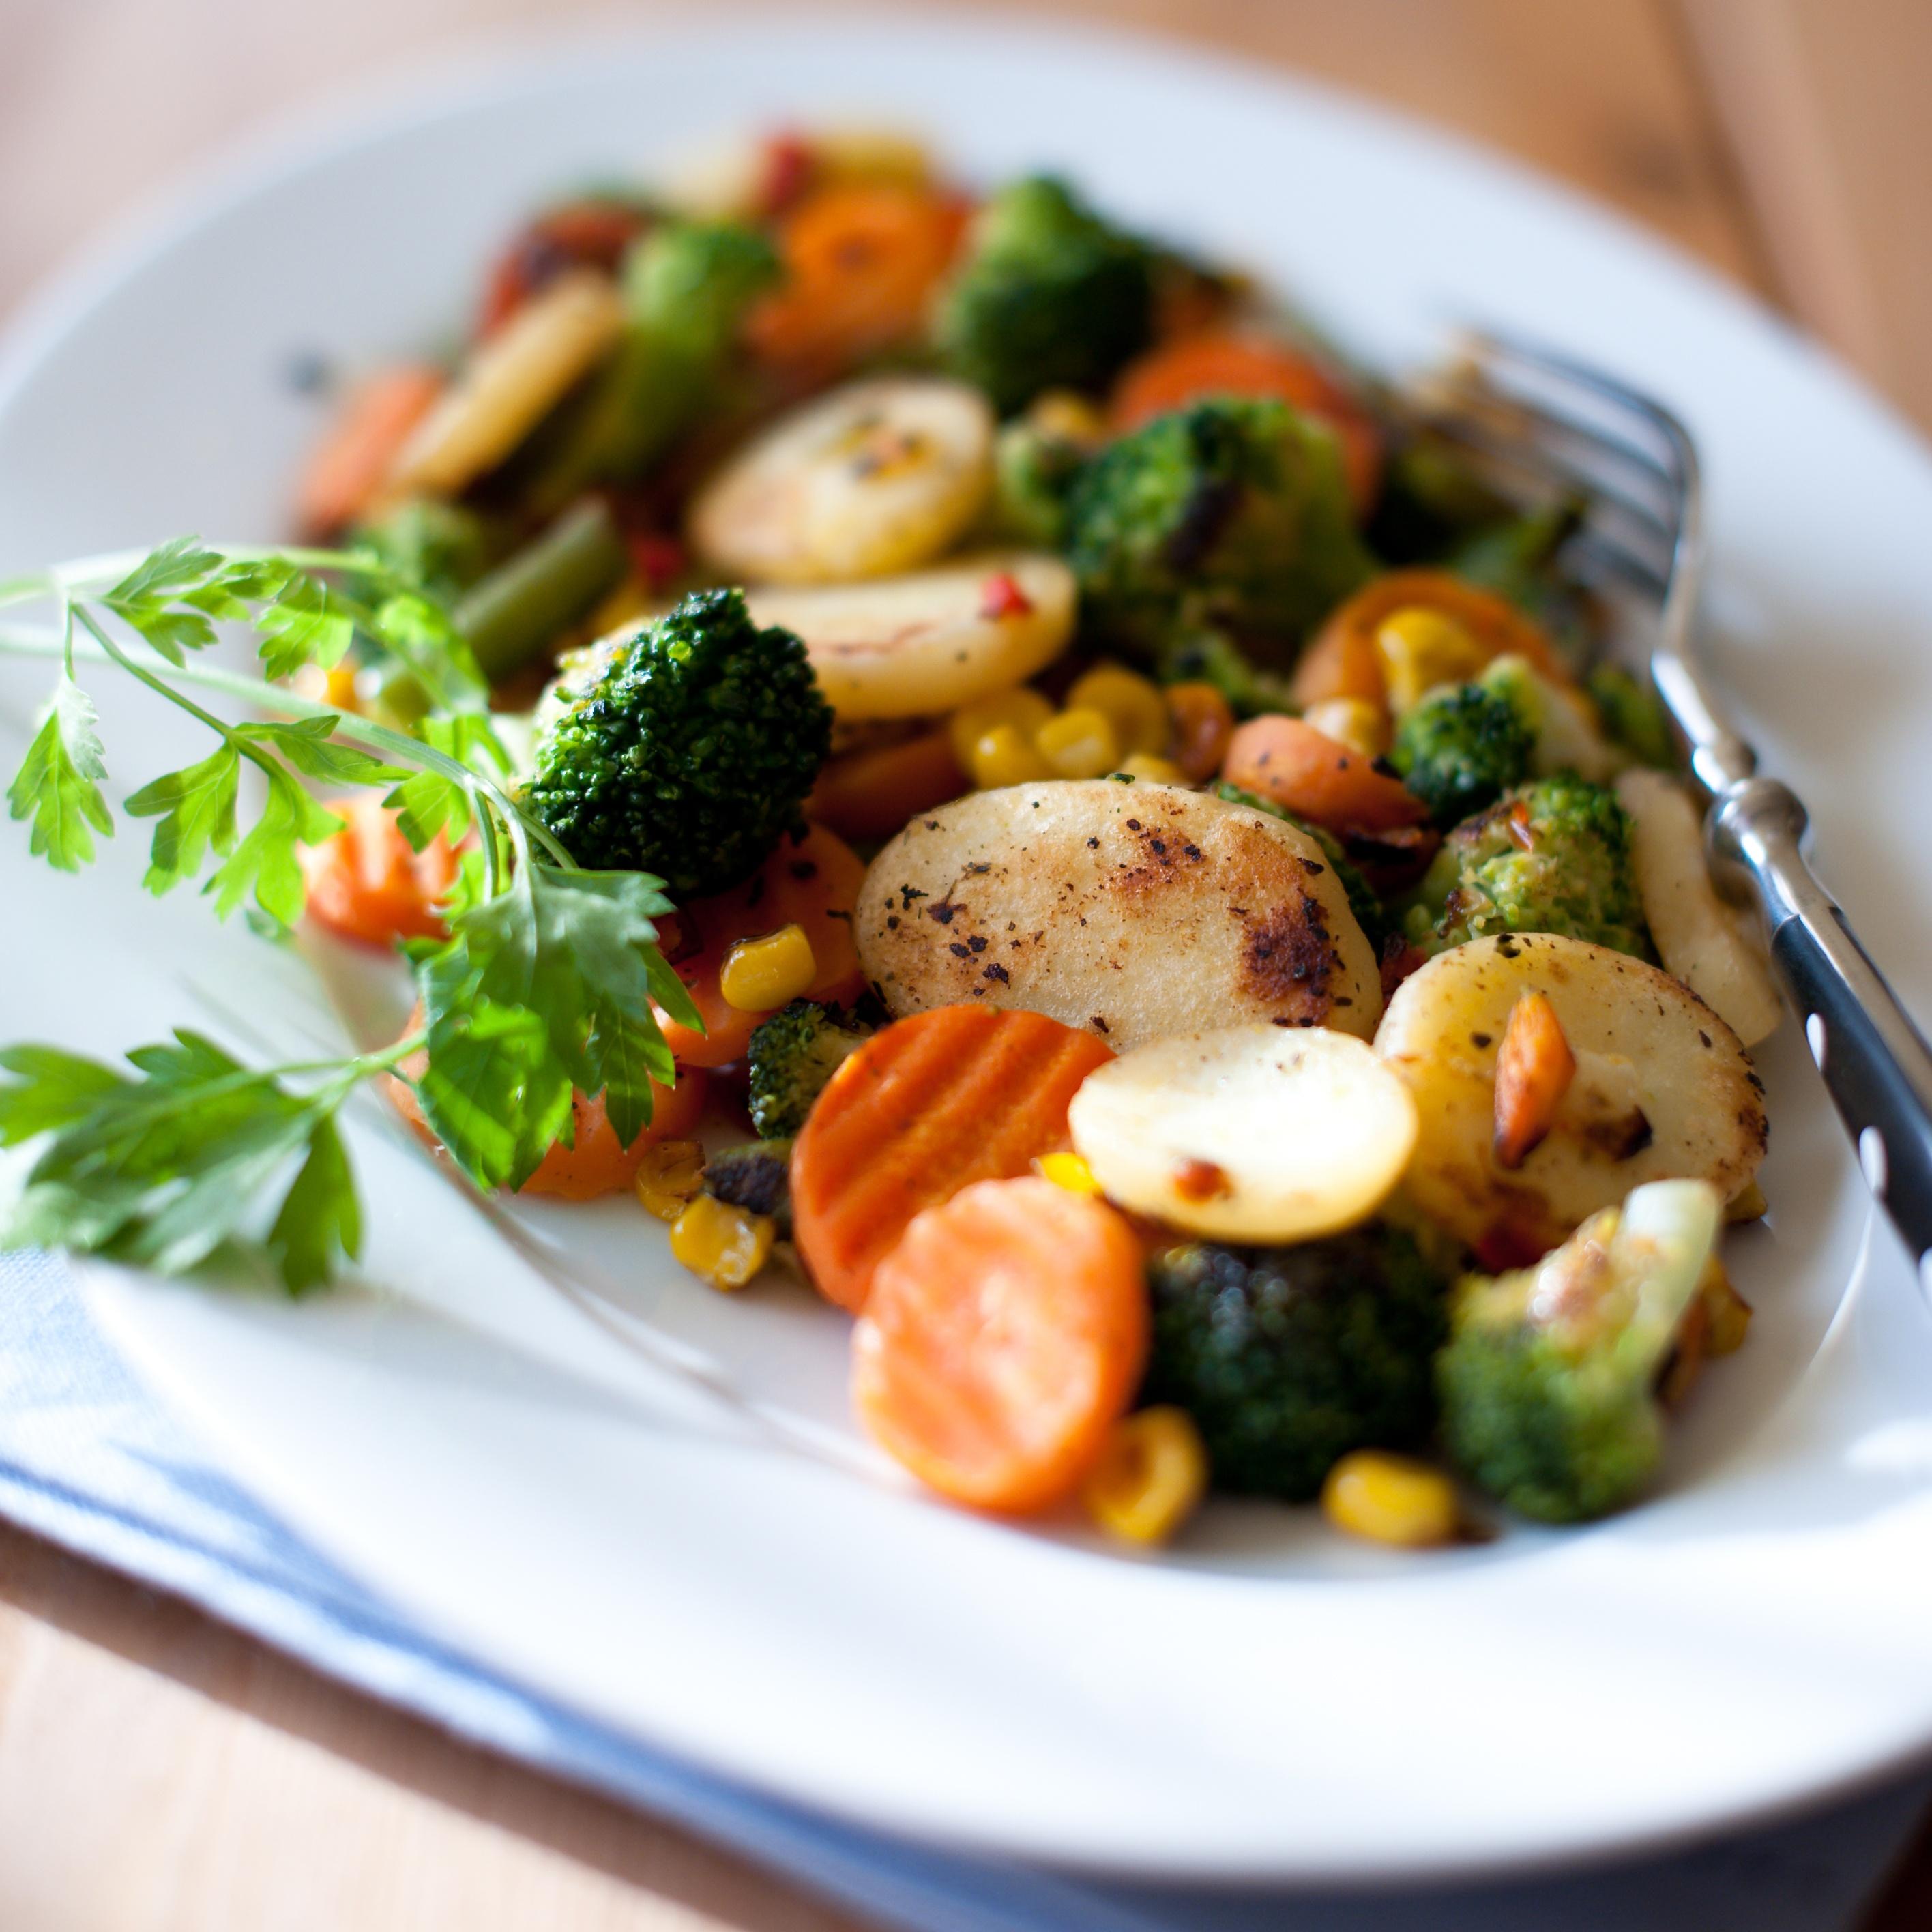 National_Nutrition_Month_Vegetables.jpg